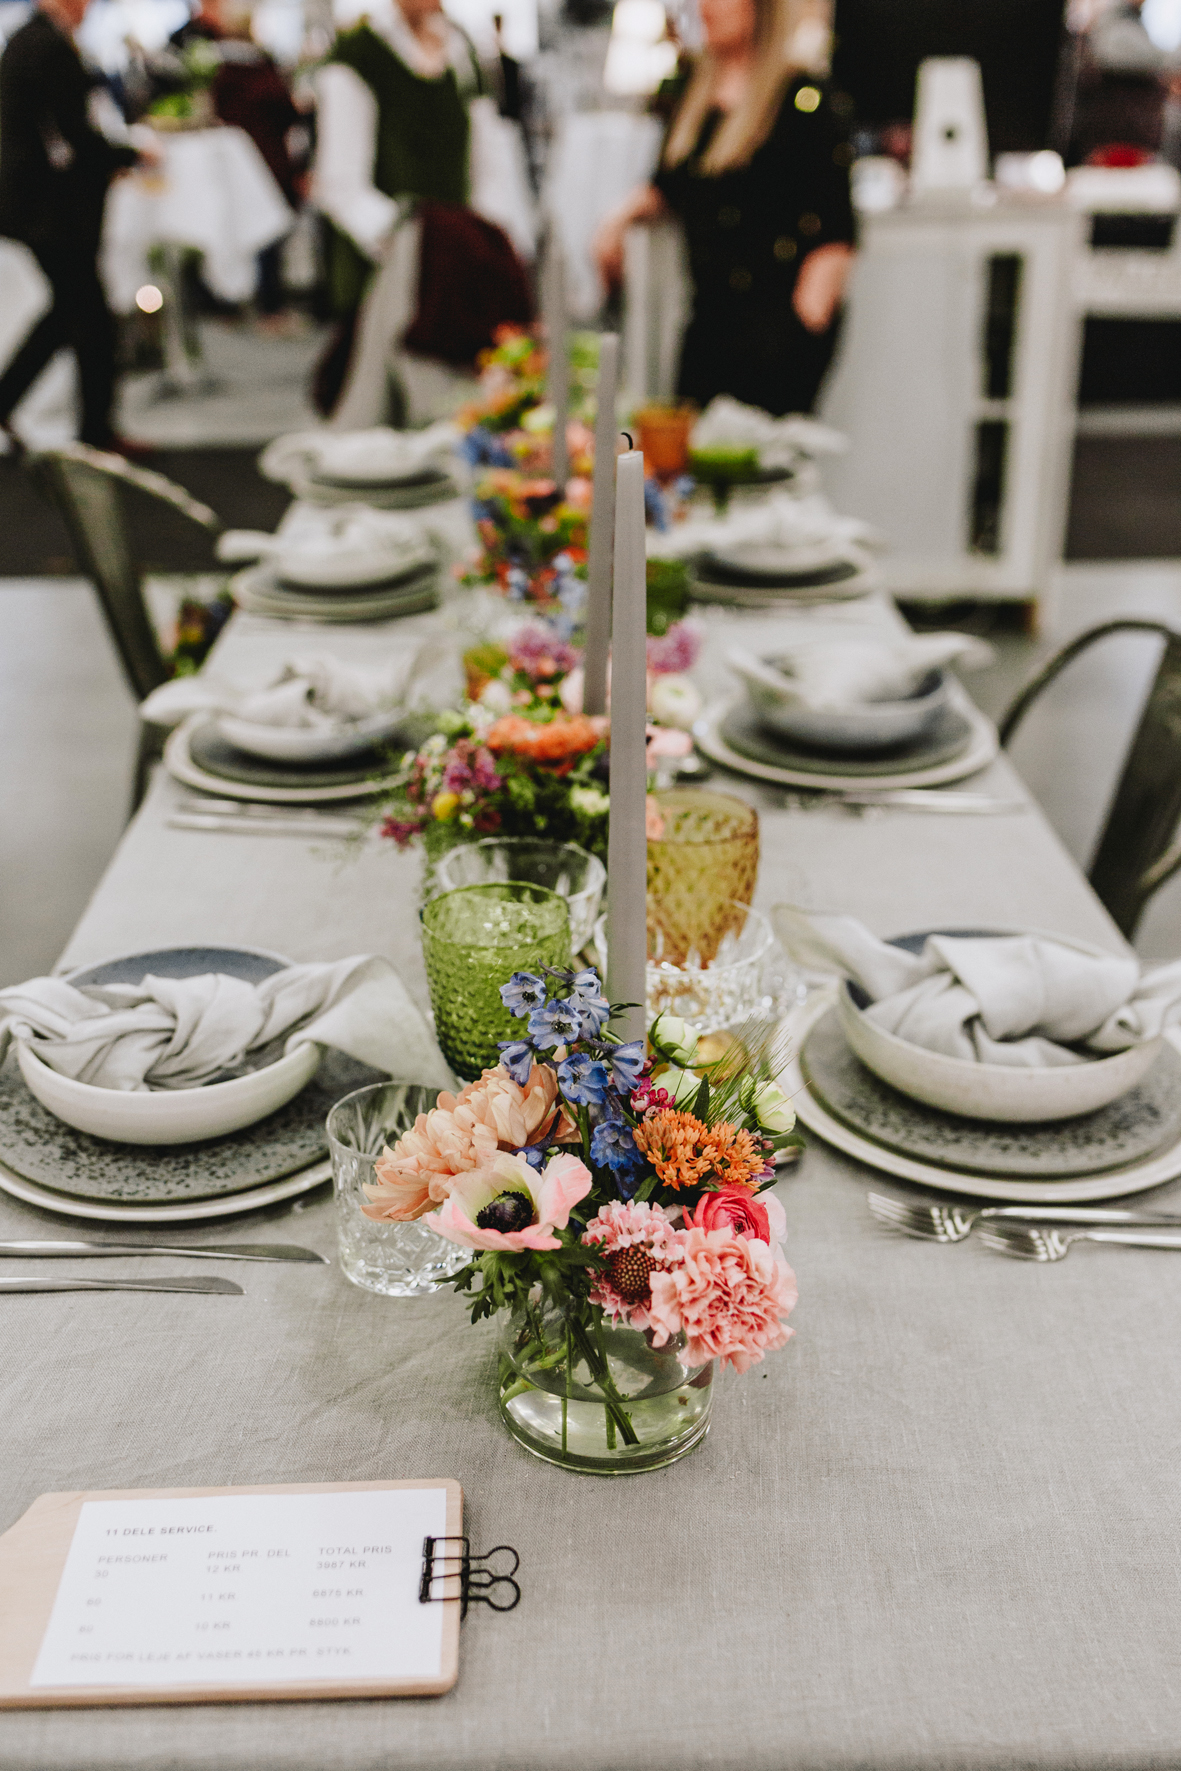 Bryllupsmesse_A table story serviceudlejning_grå boheme